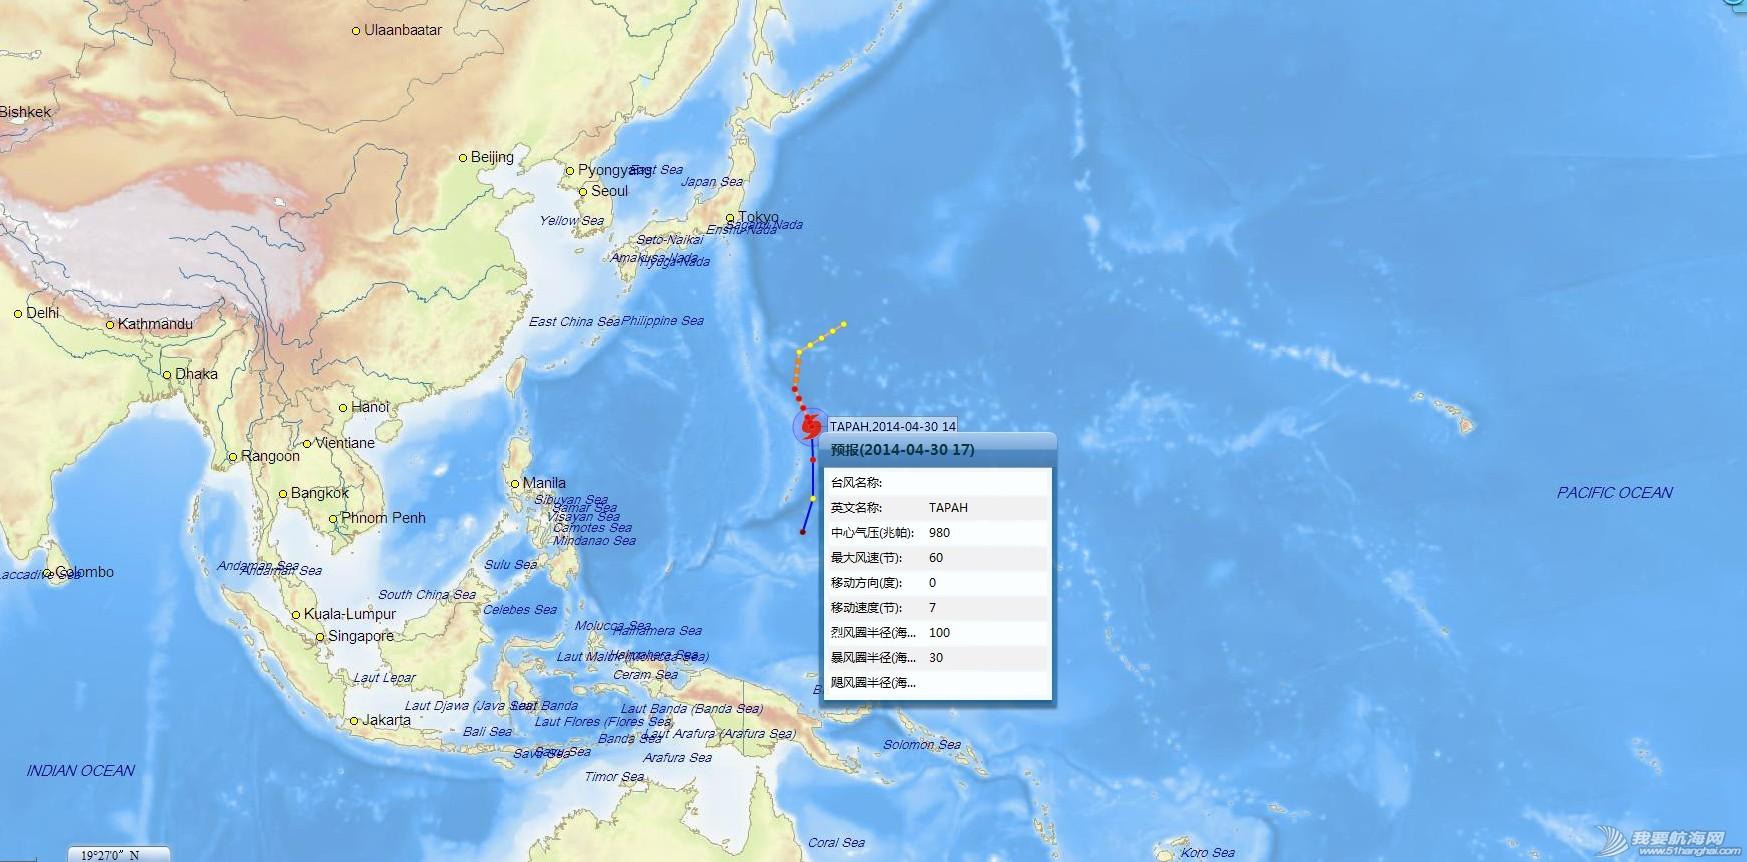 台风预警 【太平洋台风】20140430 太平洋20140430